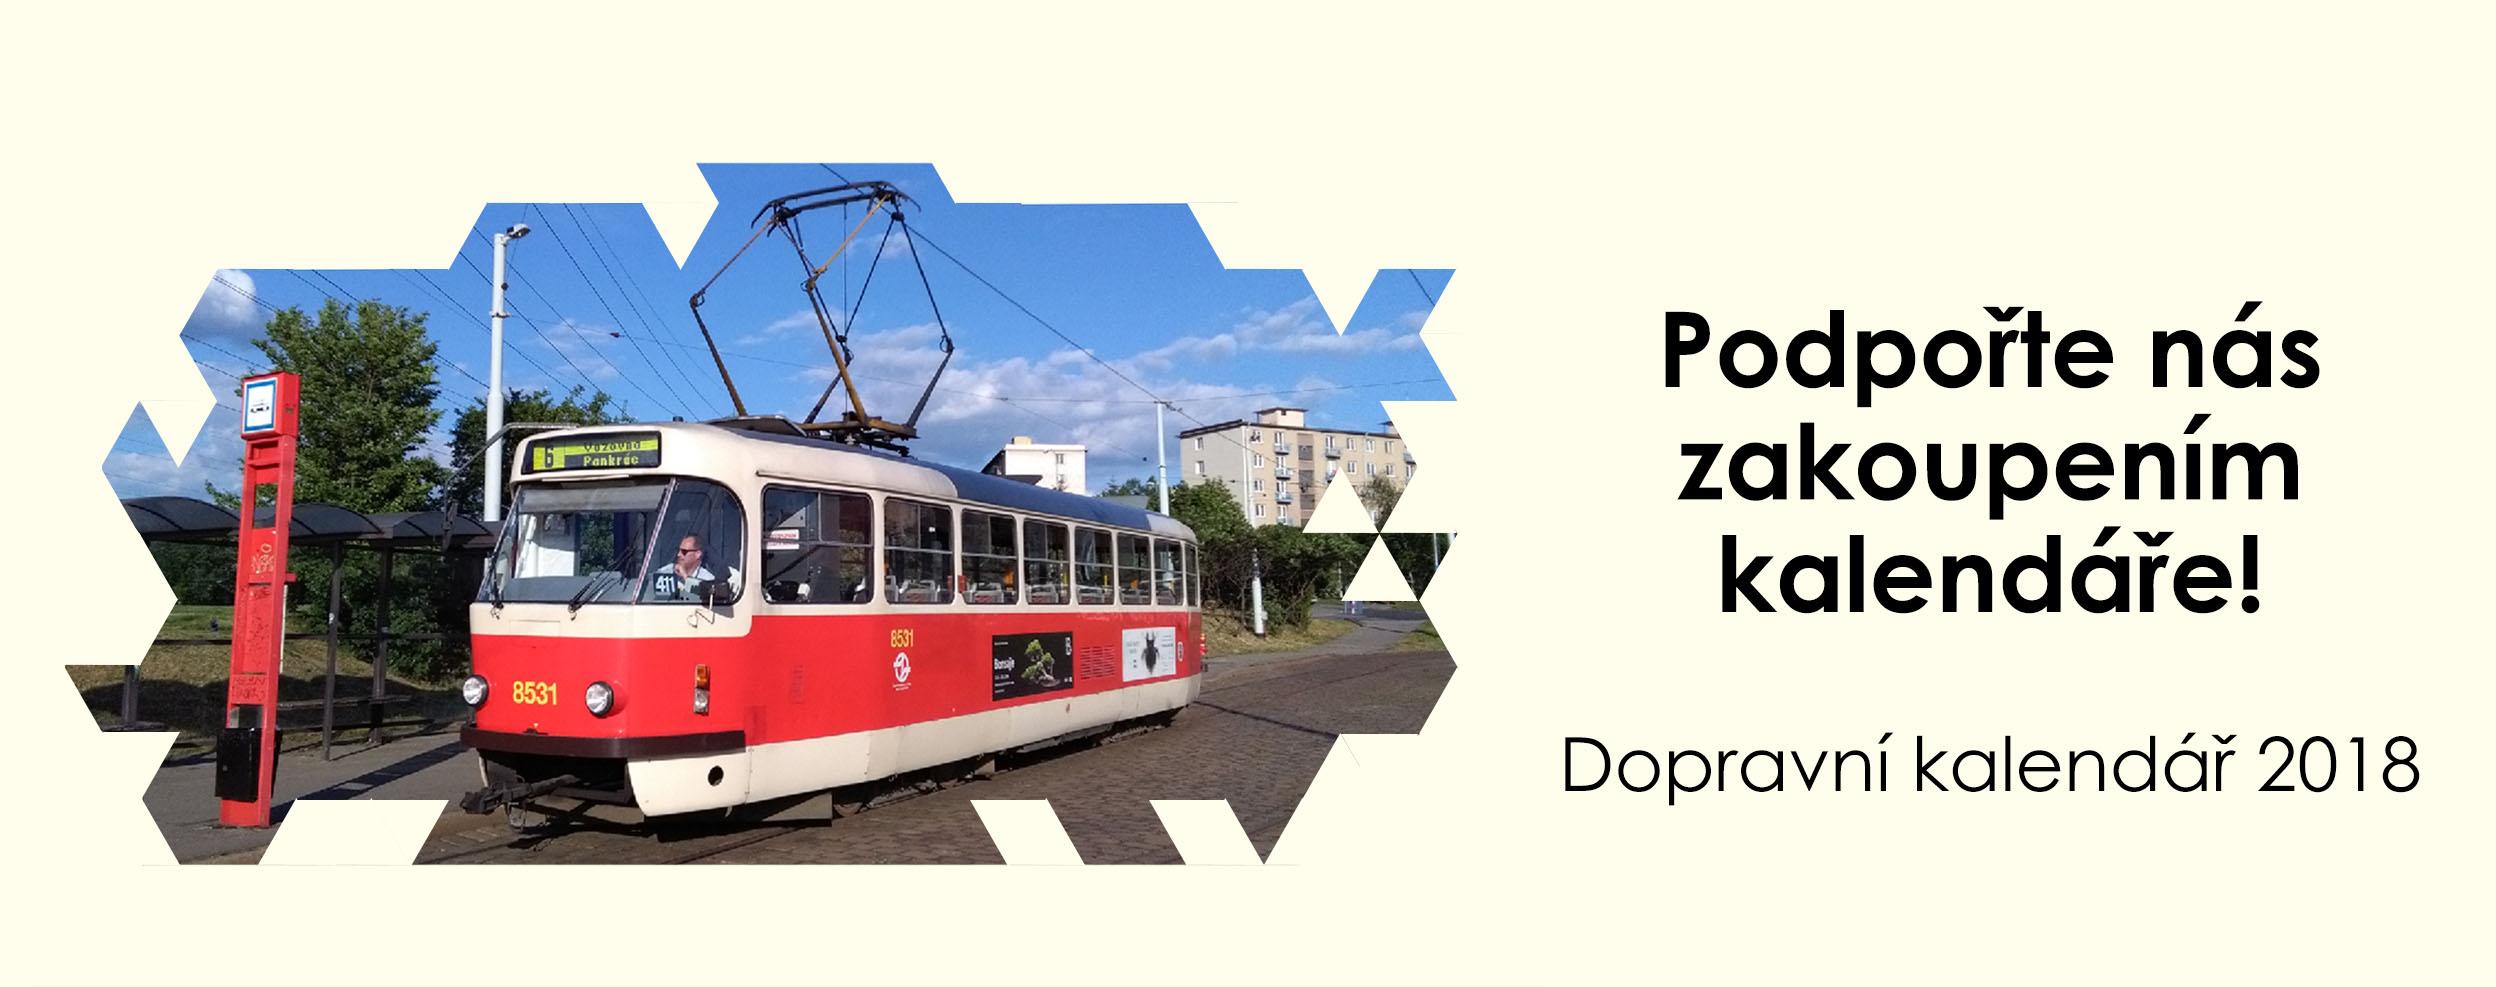 Dopravní kalendář 2018